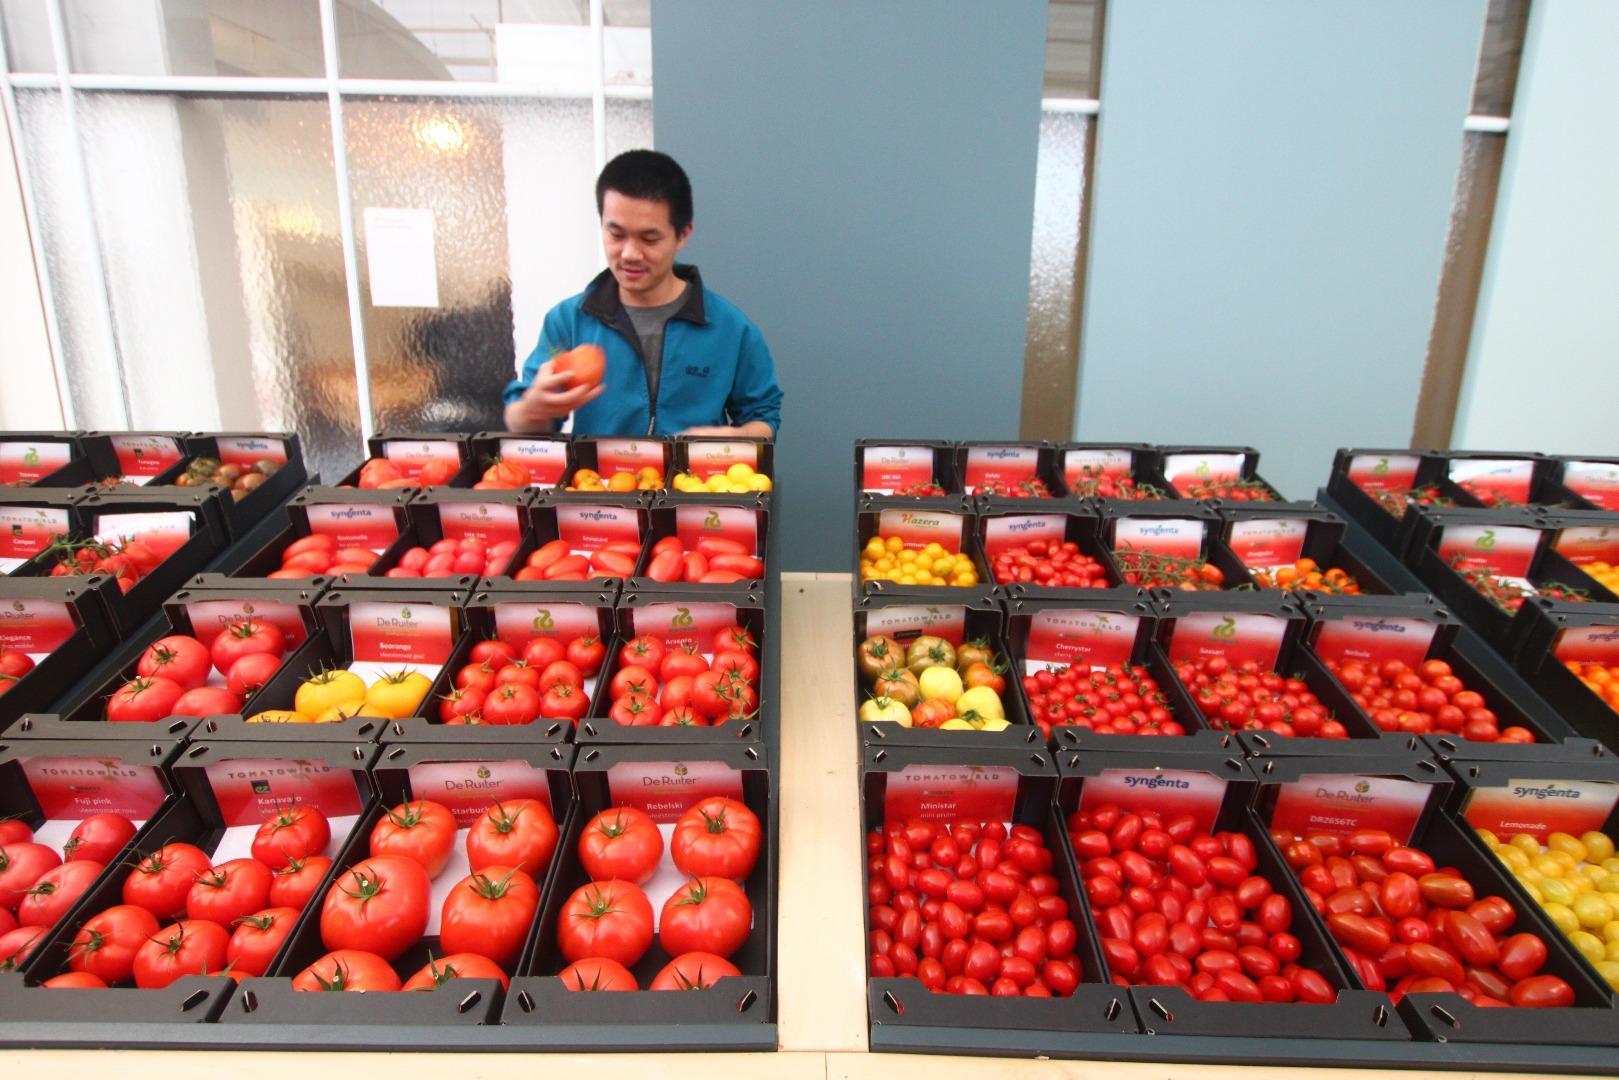 你见过几种番茄? 荷兰番茄种植网络tomatoworld访问